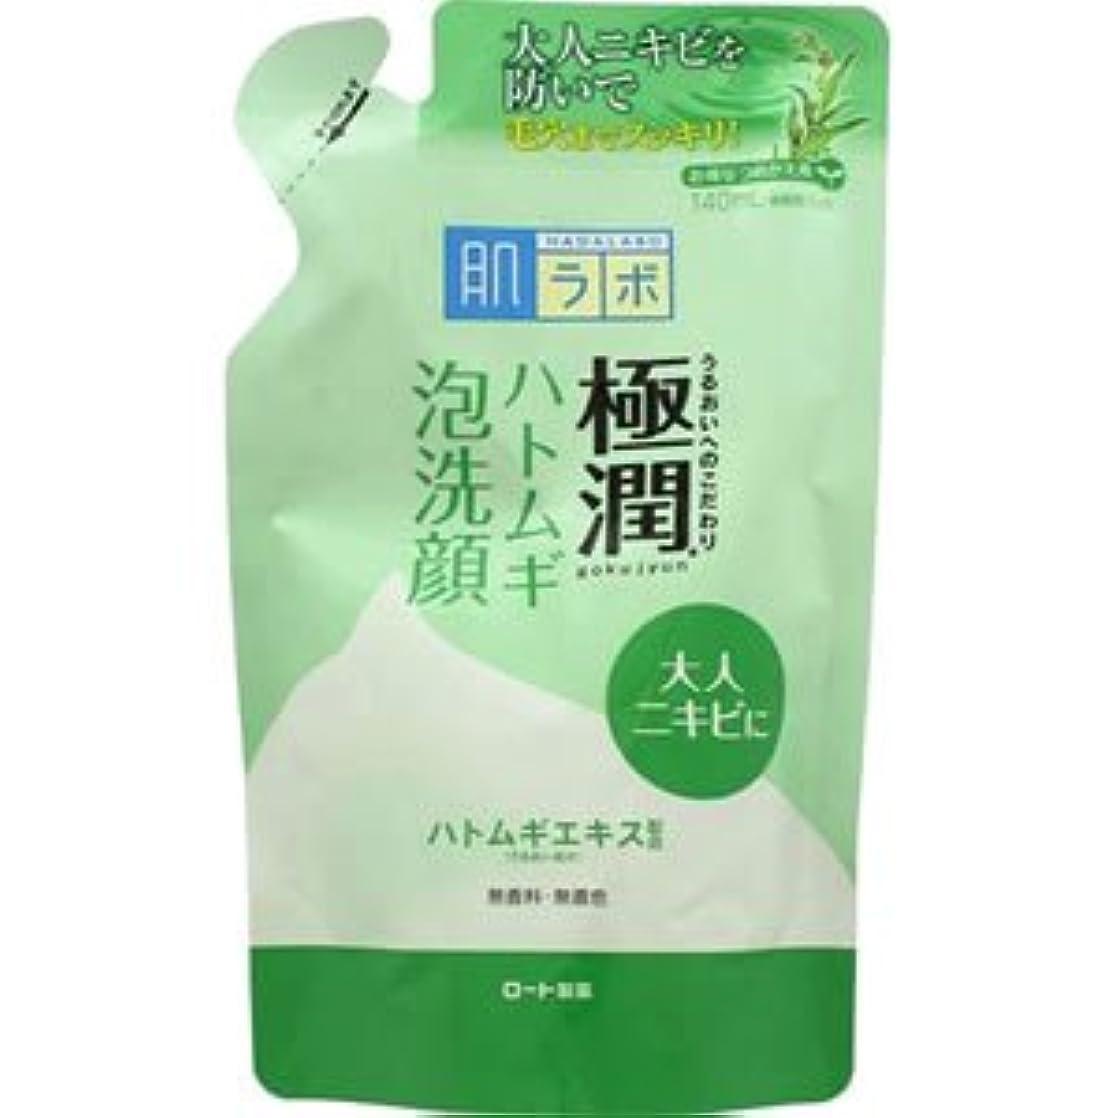 核簡単に添加(ロート製薬)肌研 極潤ハトムギ泡洗顔 140ml(つめかえ用)(お買い得3個セット)